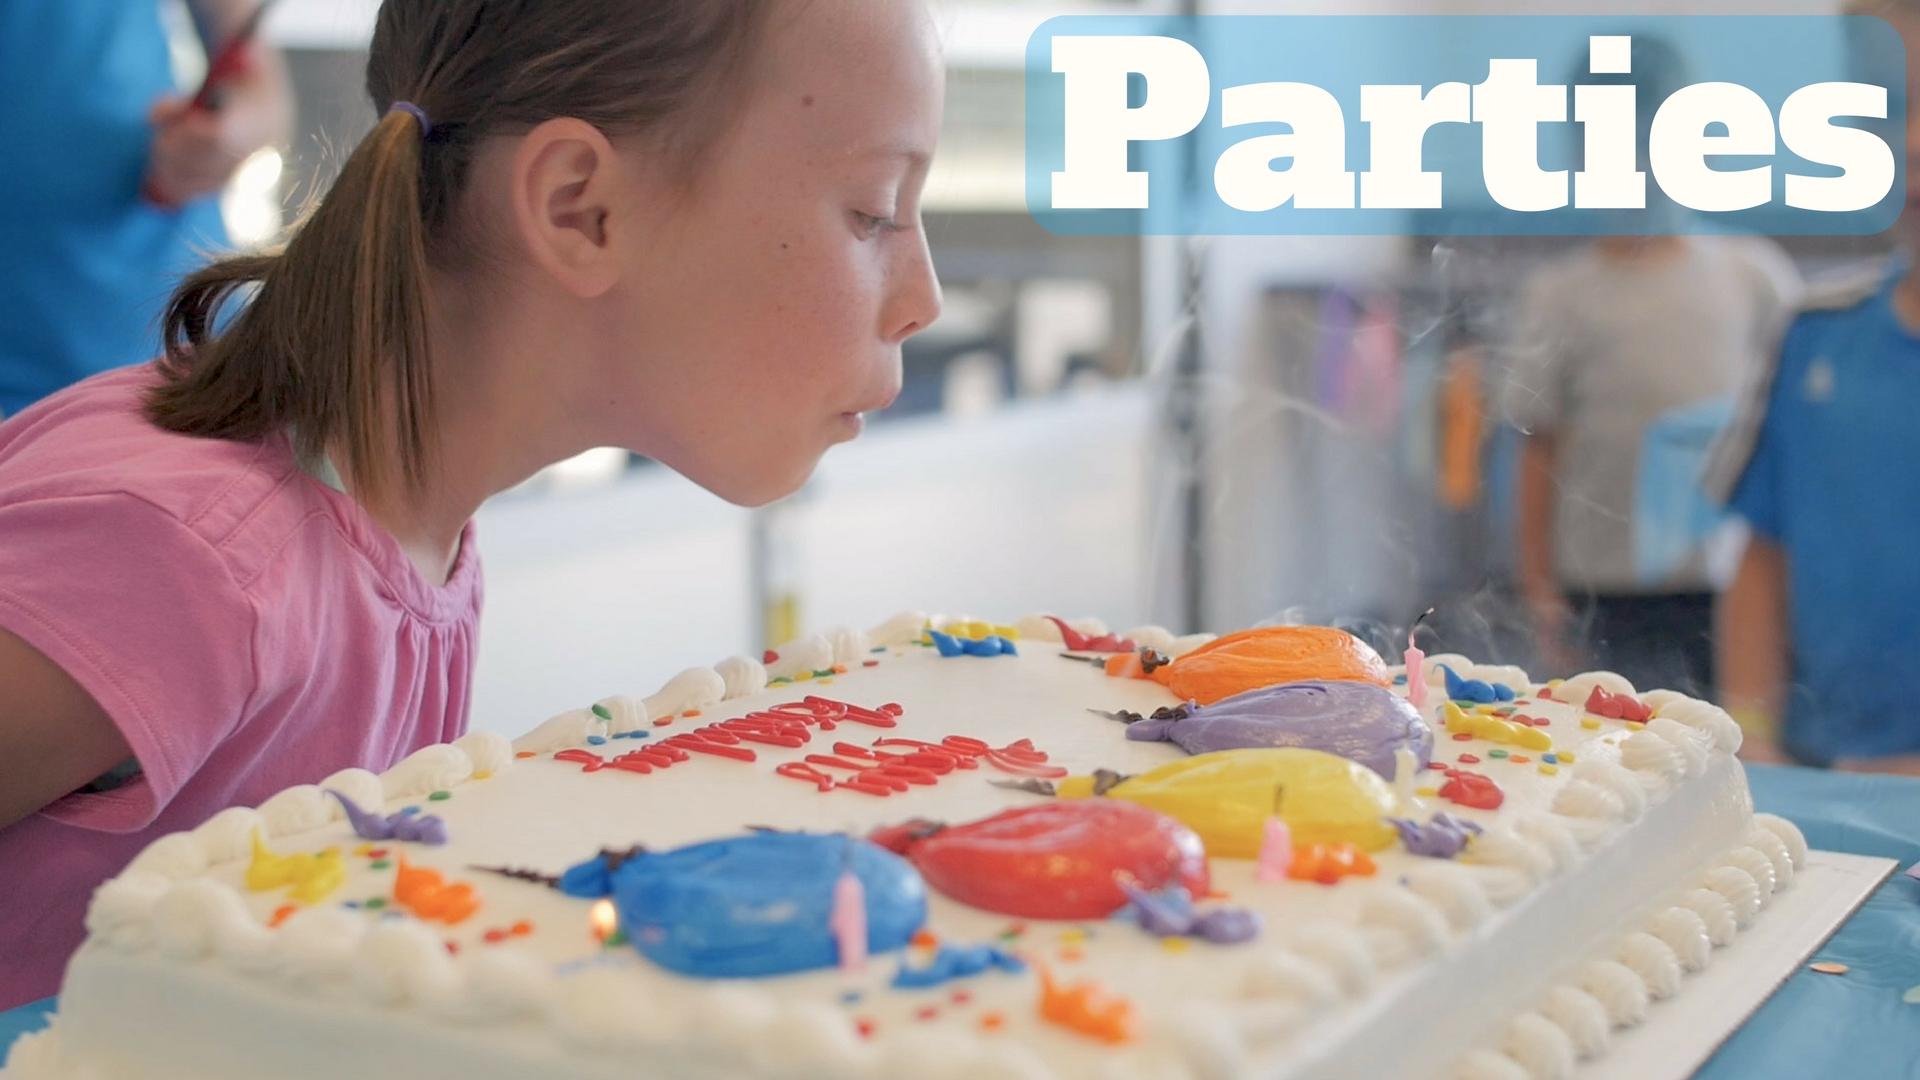 Parties-3.jpg